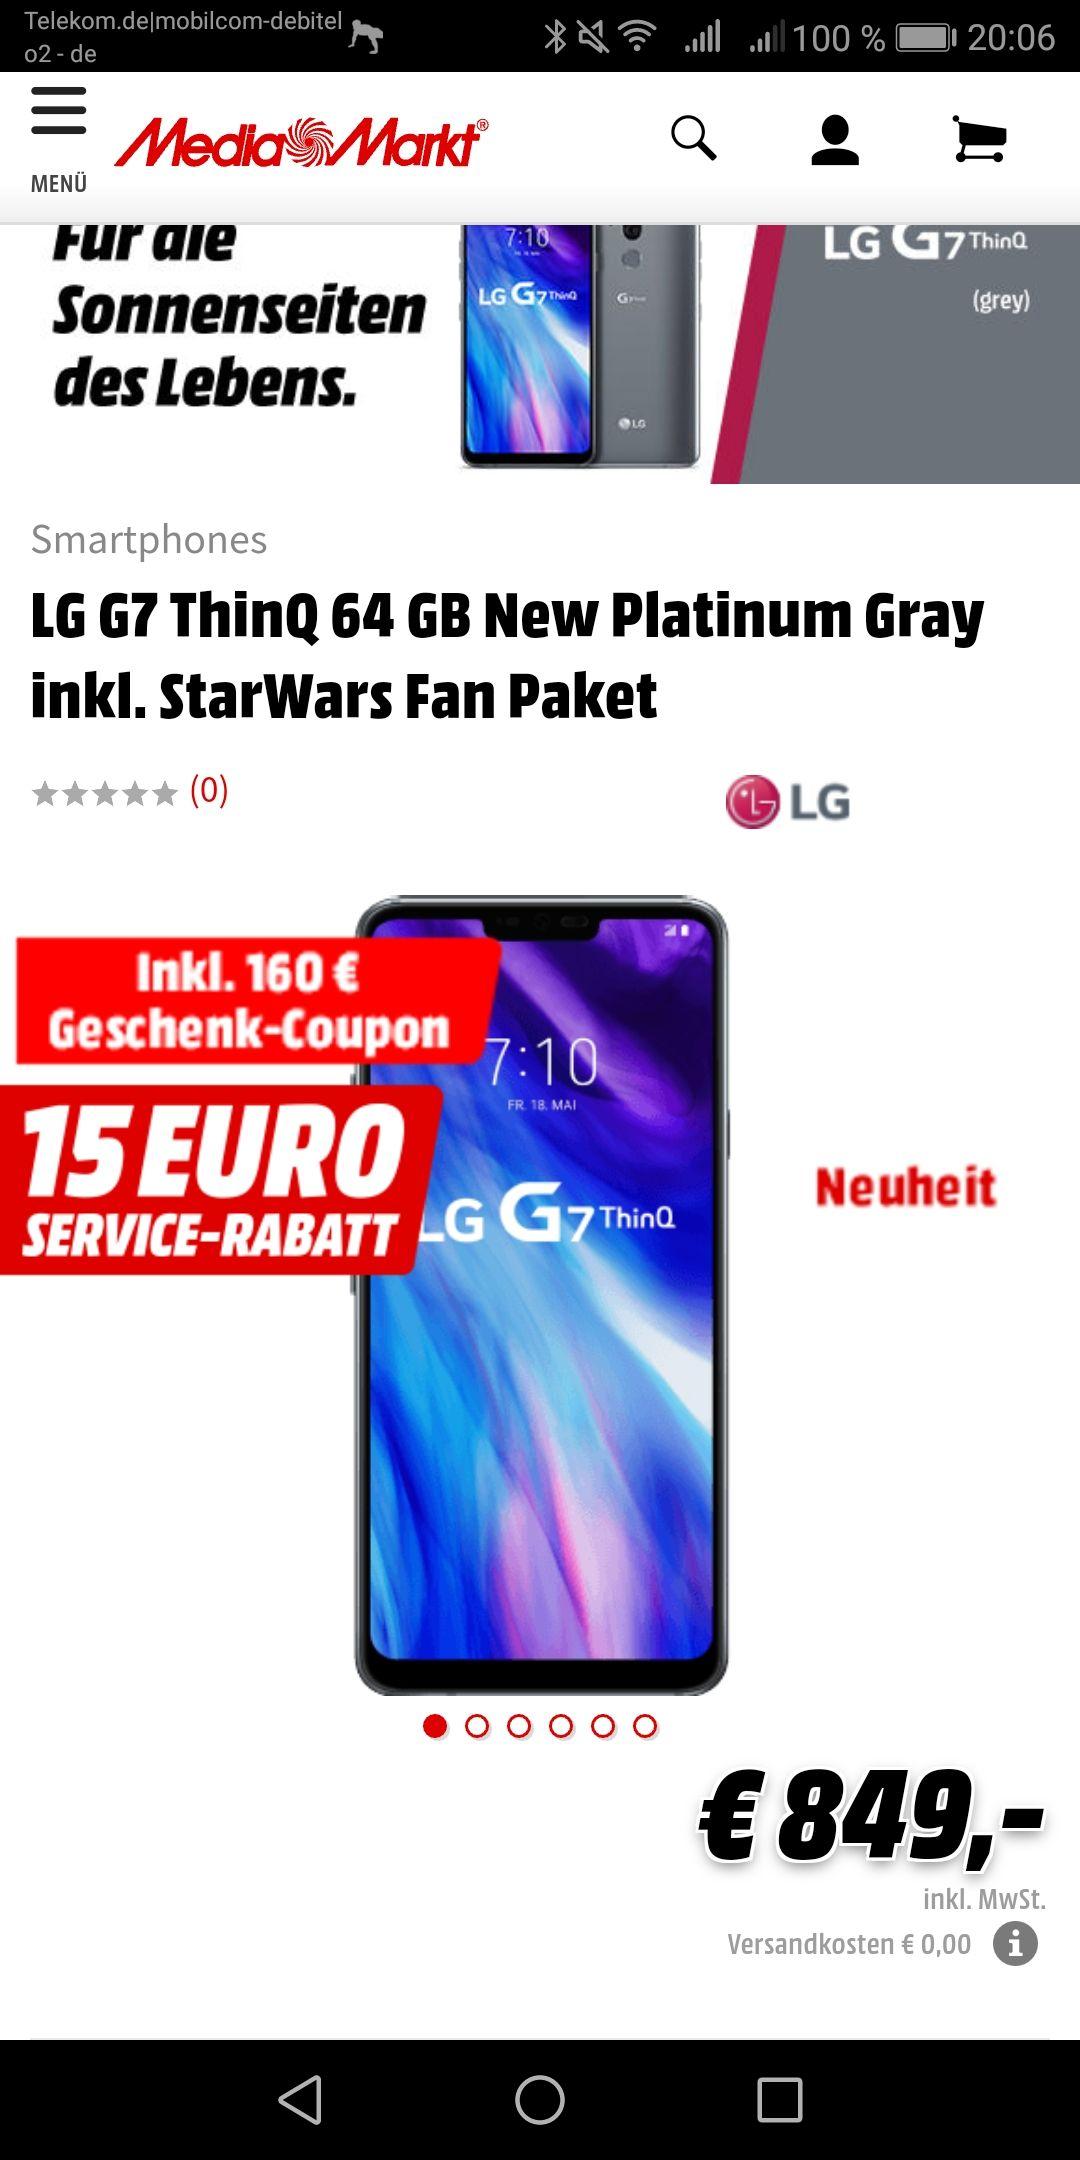 LG G7 ThinQ Pre-order Aktion bei Media Markt und Saturn